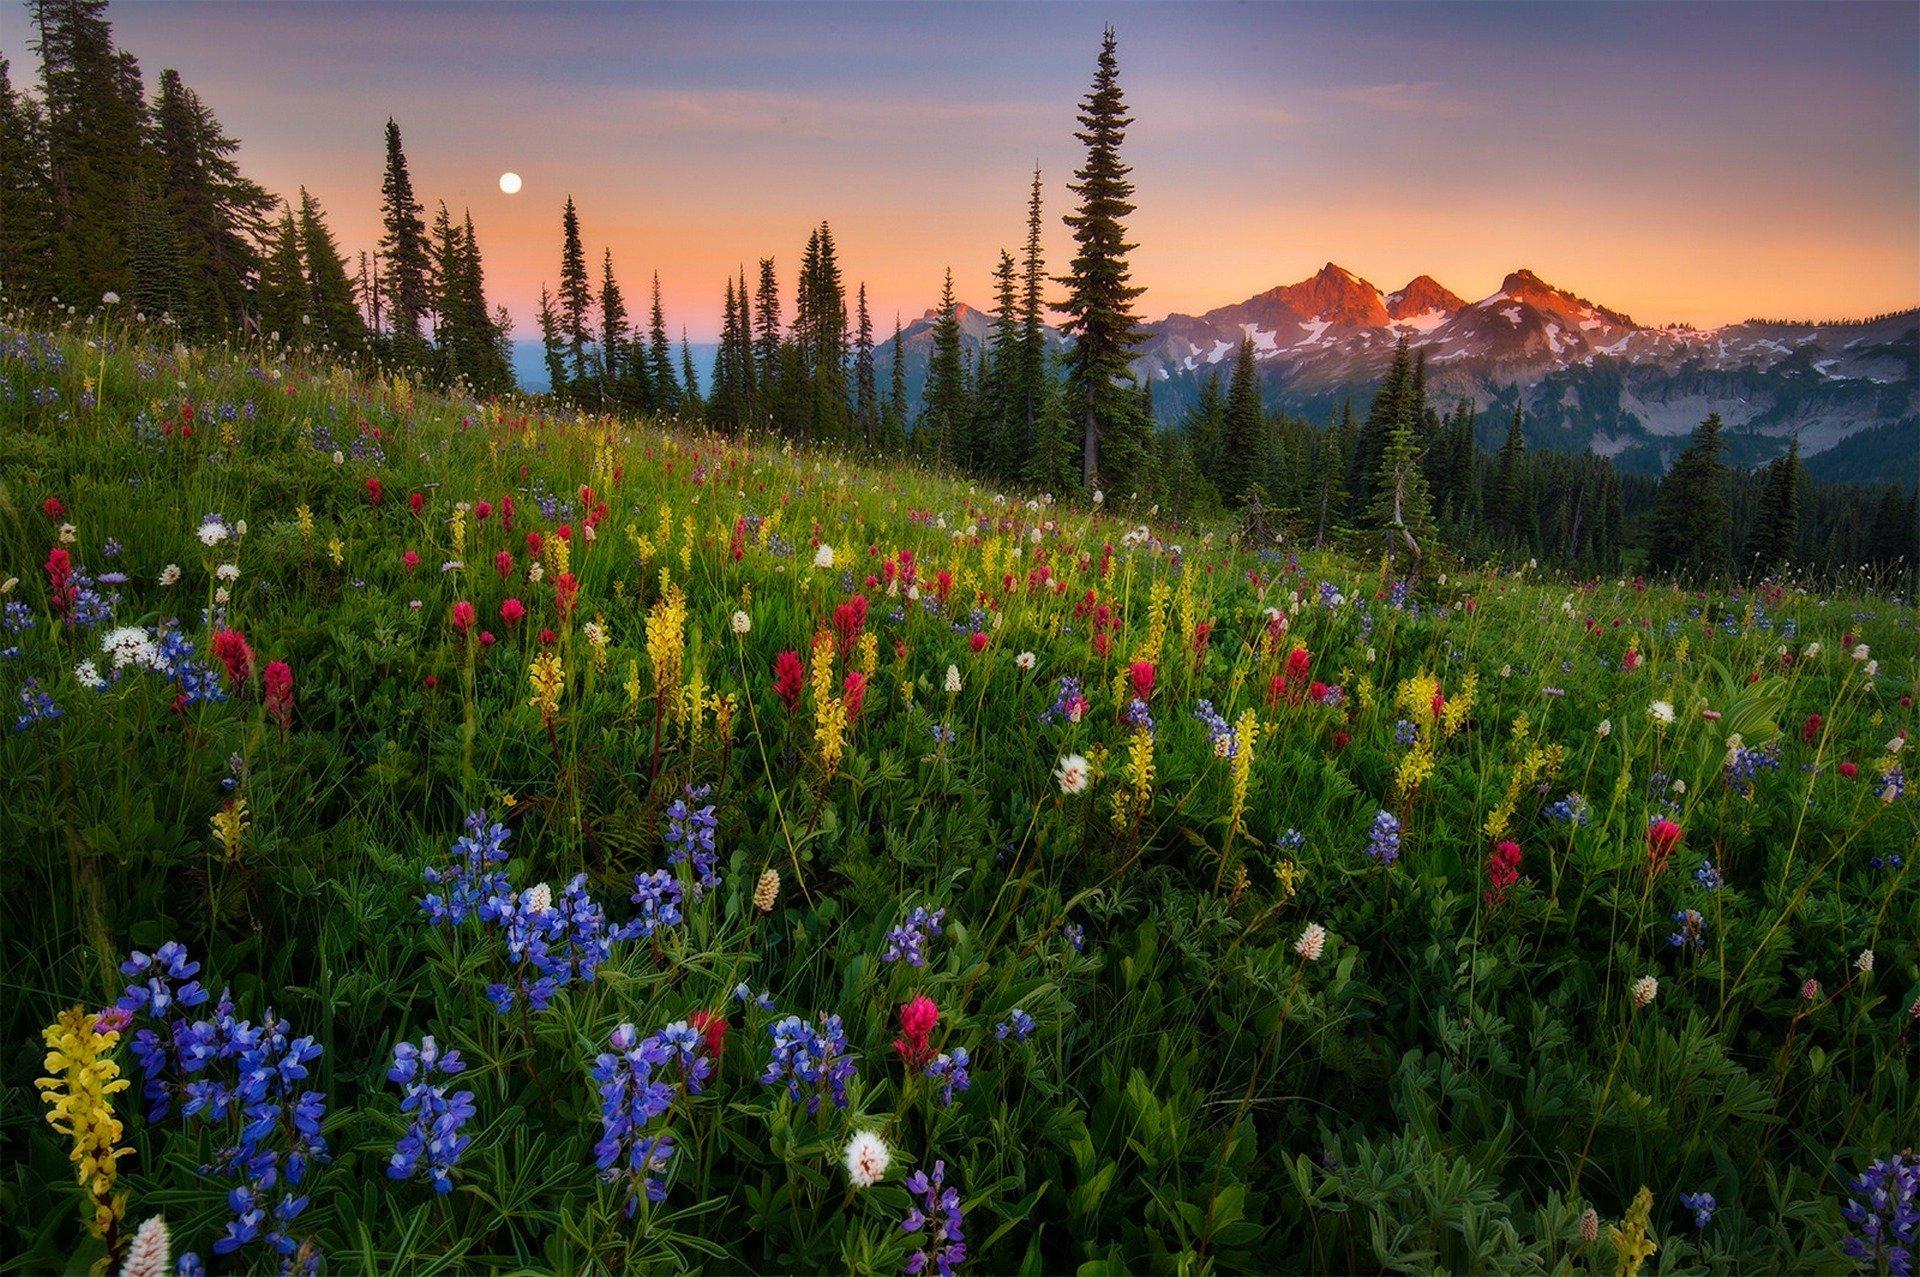 горы, ели, цветочная поляна  № 3586956 без смс